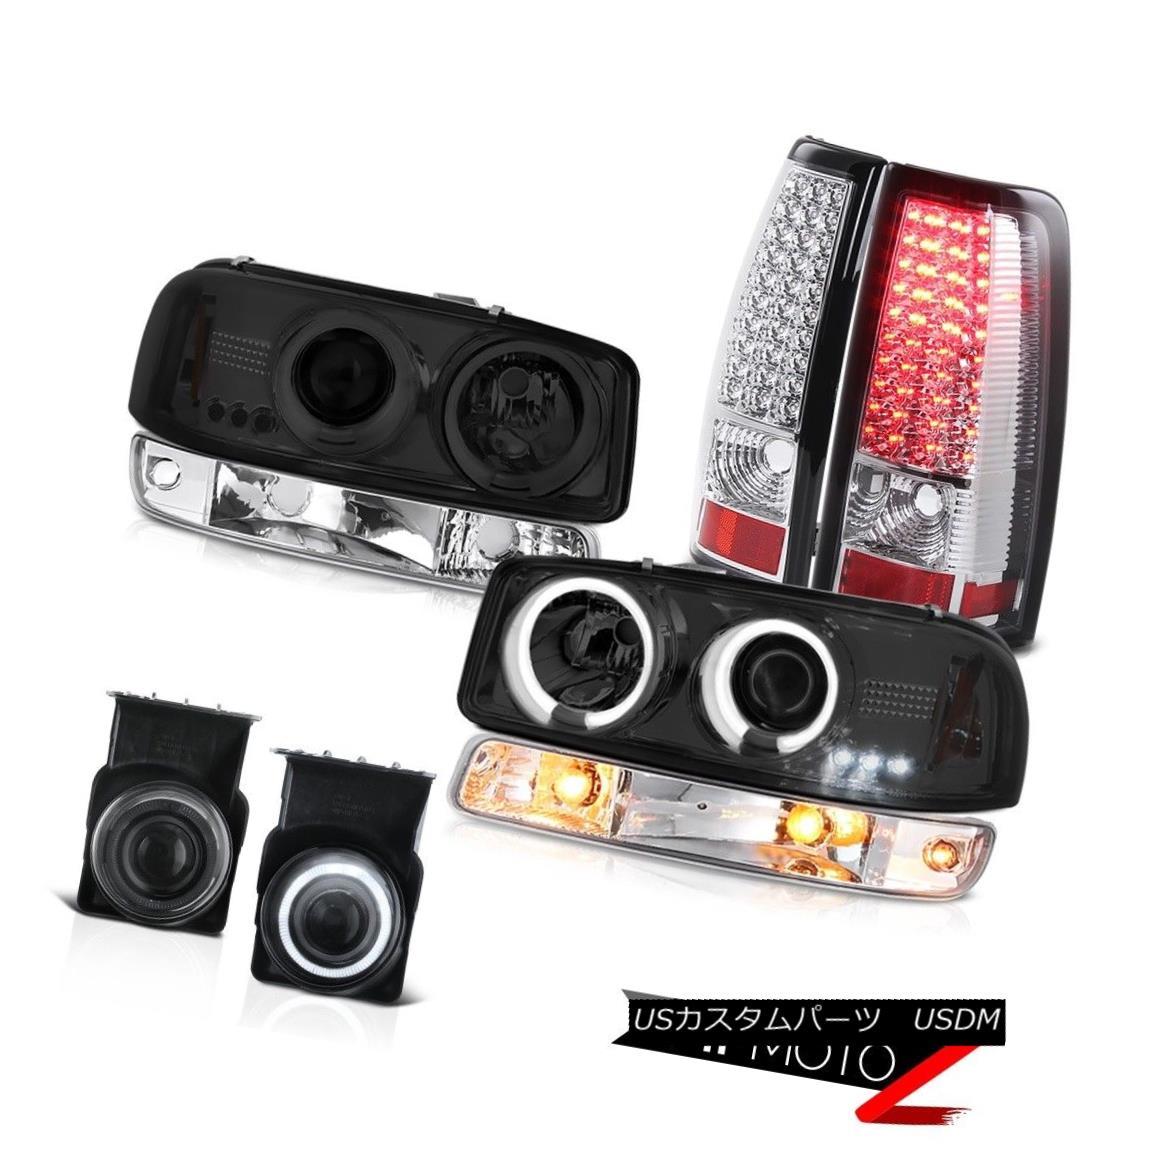 テールライト 03 04 05 06 Sierra 4.3L Smoked fog lamps tail bumper lamp ccfl Headlights LED 03 04 05 06シエラ4.3LスモークフォグランプテールバンパーランプccflヘッドライトLED